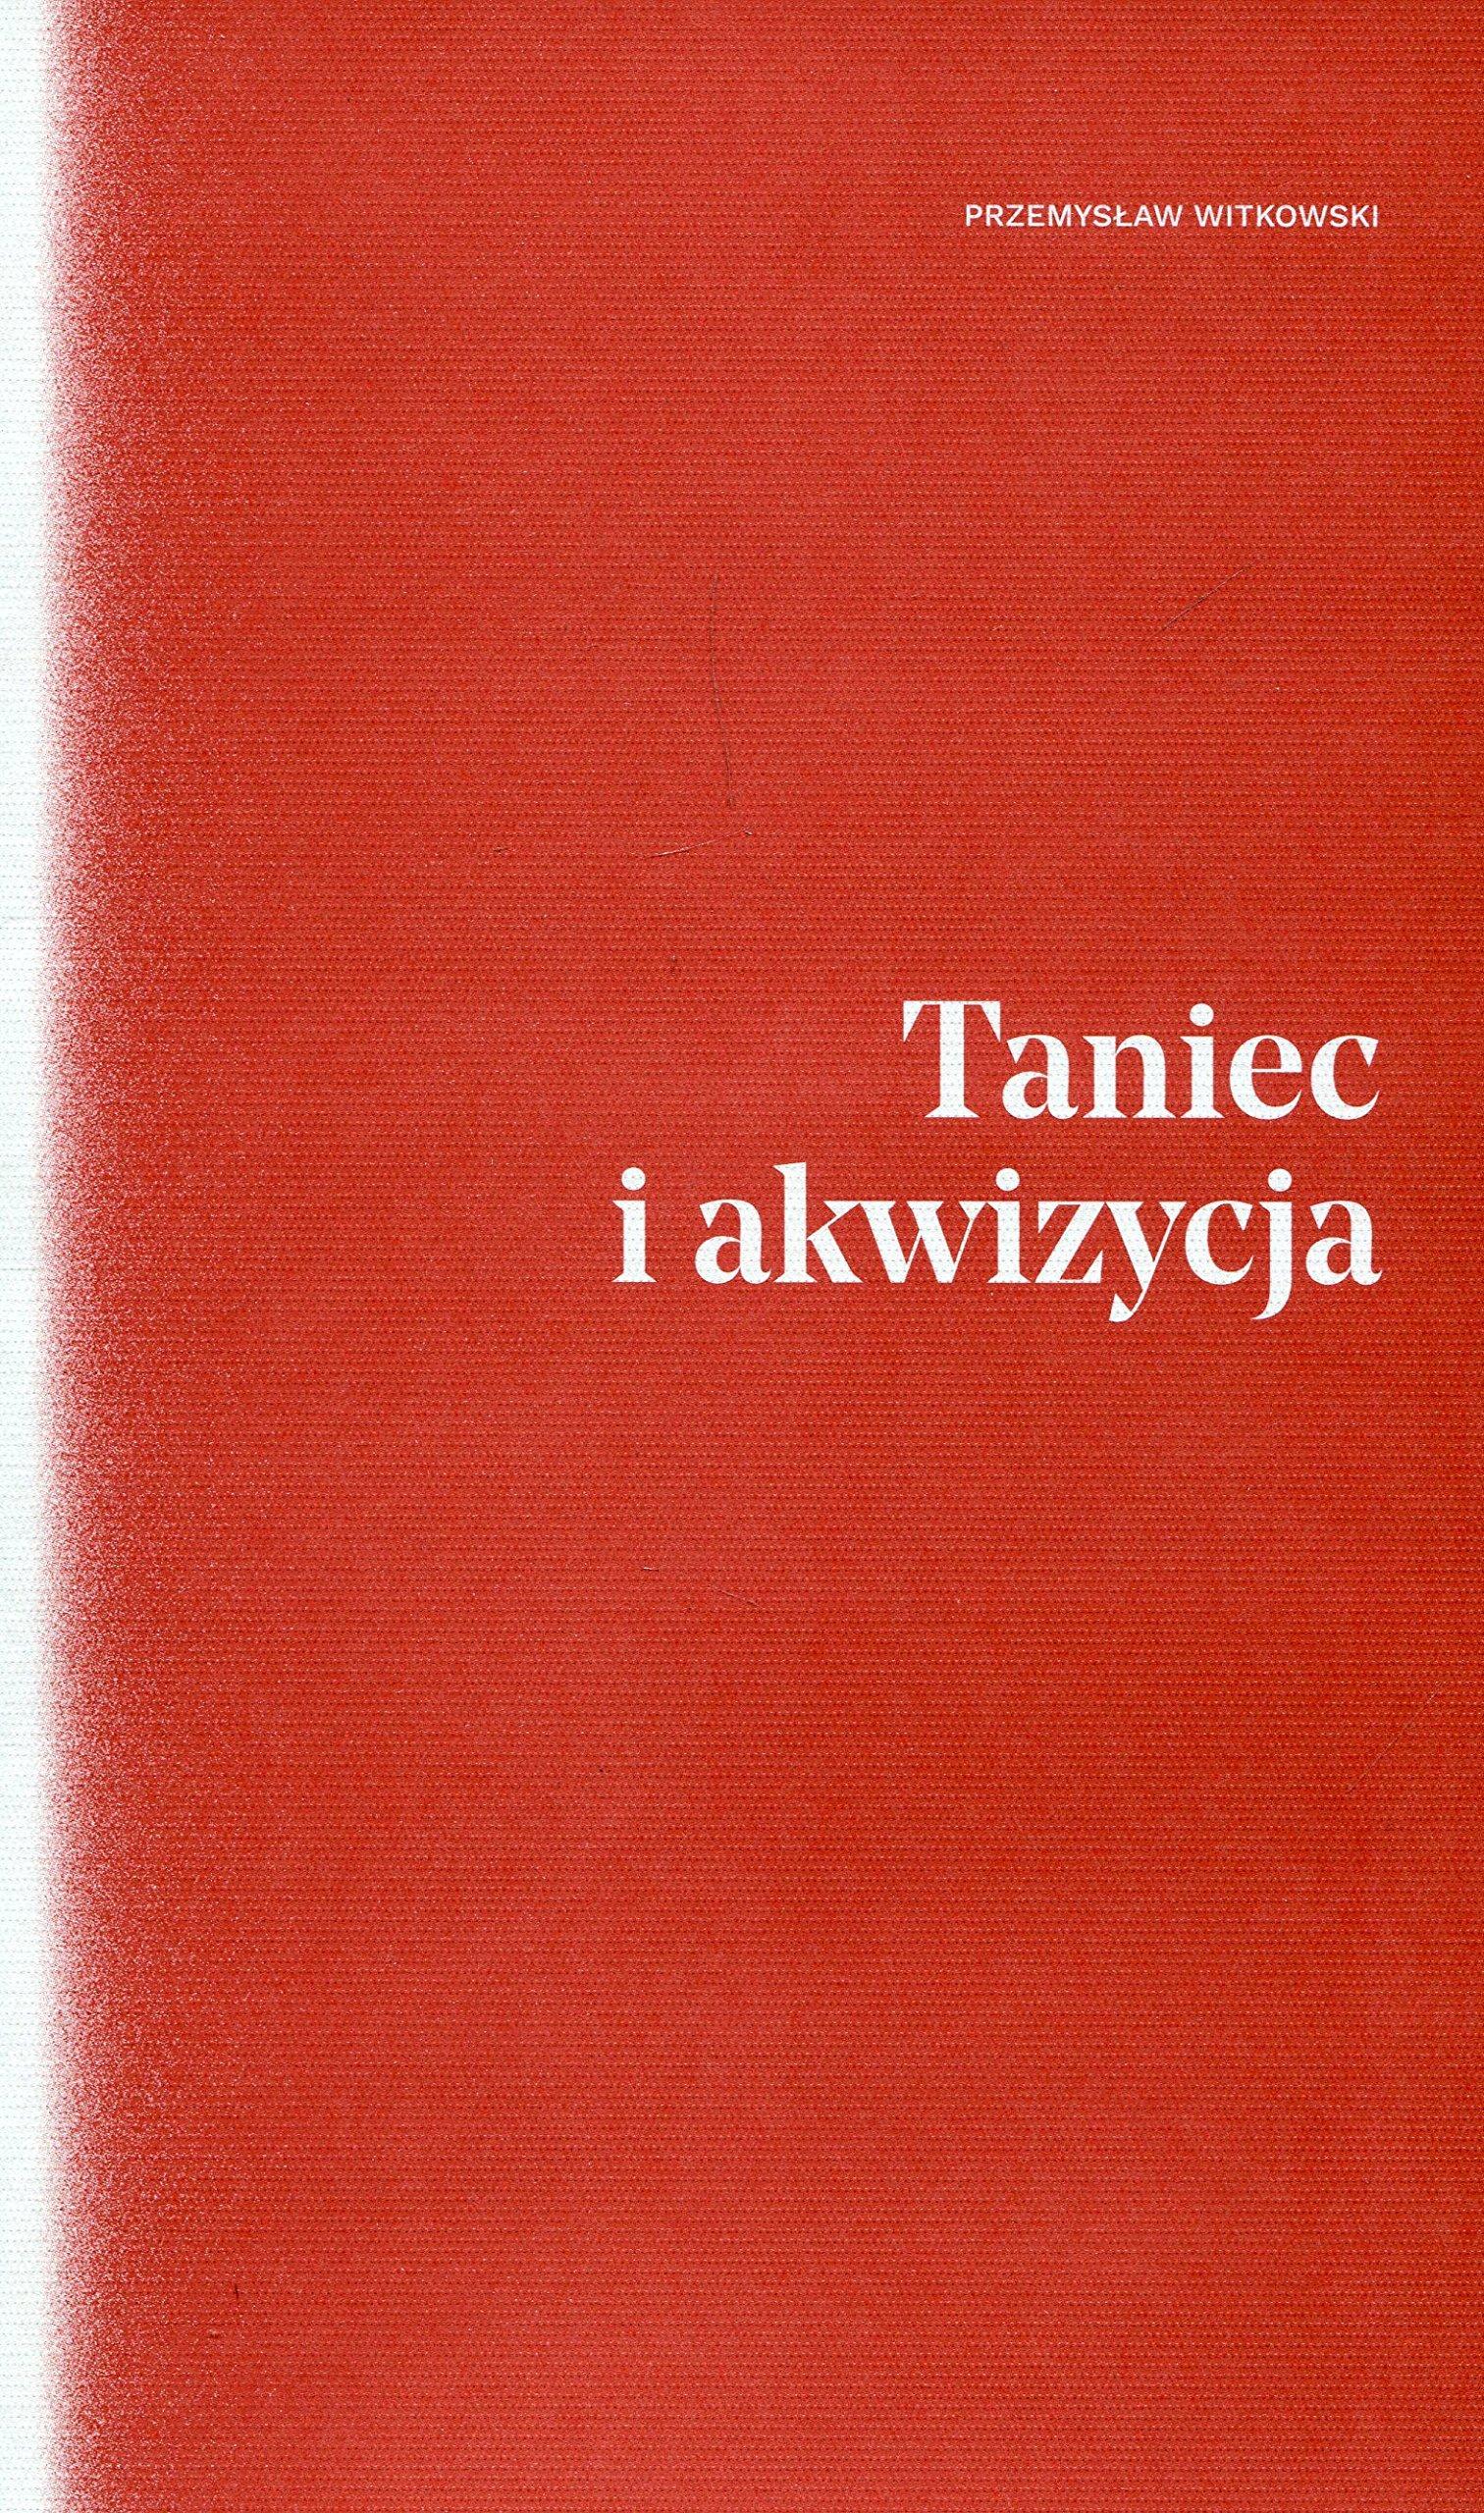 Taniec I Akwizycja Amazoncouk Przemyslaw Witkowski